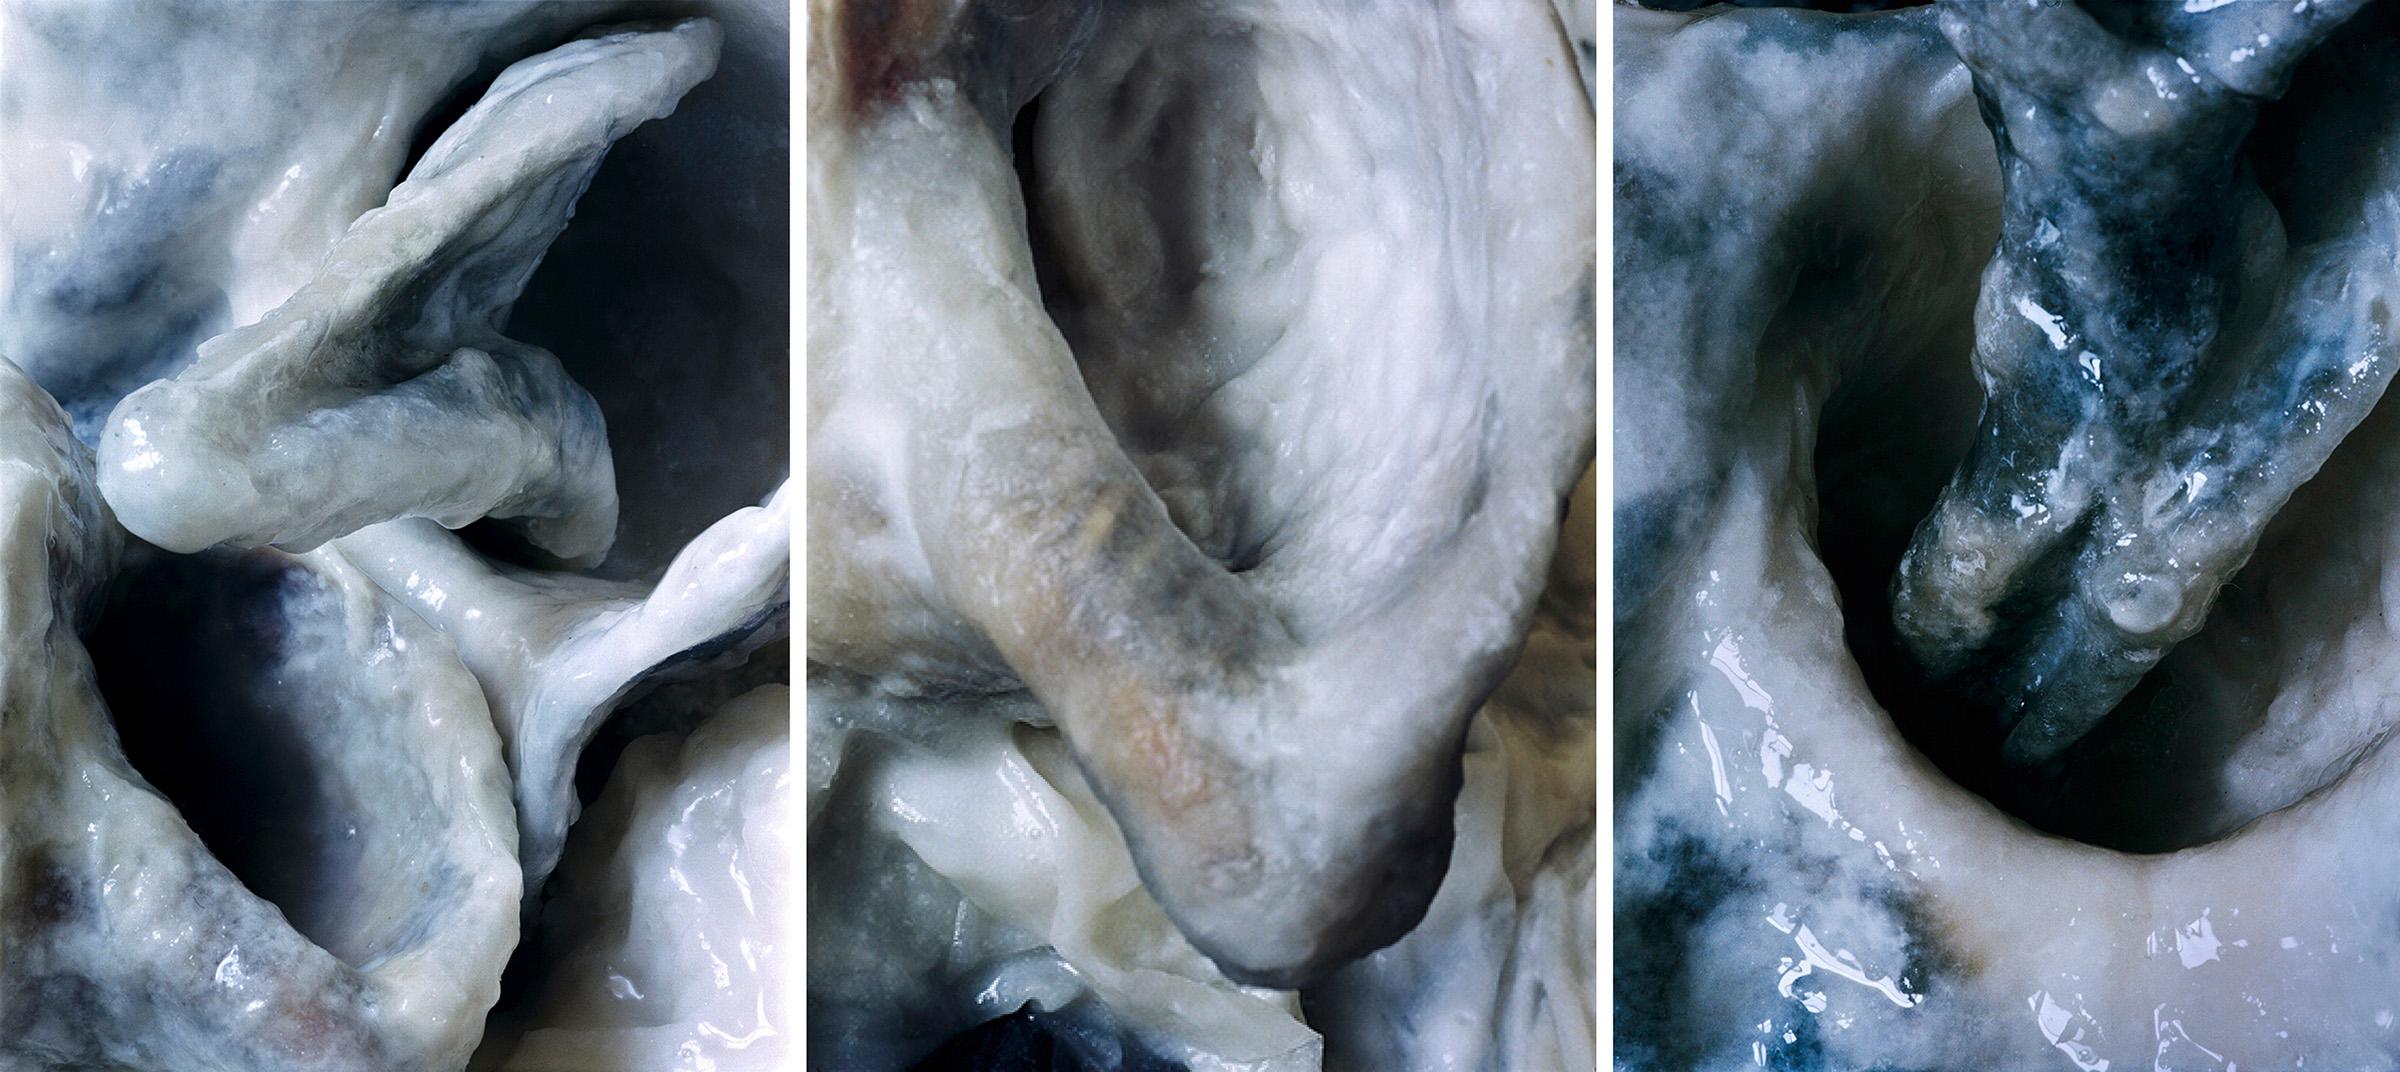 White Fluids  Triptich N°2, 2006/2015  T irages gélatino argentiques, 3 panneaux 144 x 104 cm chacun   Gelatin silver prints, 3 panels 56,69 x 40,94 inches each  2/4